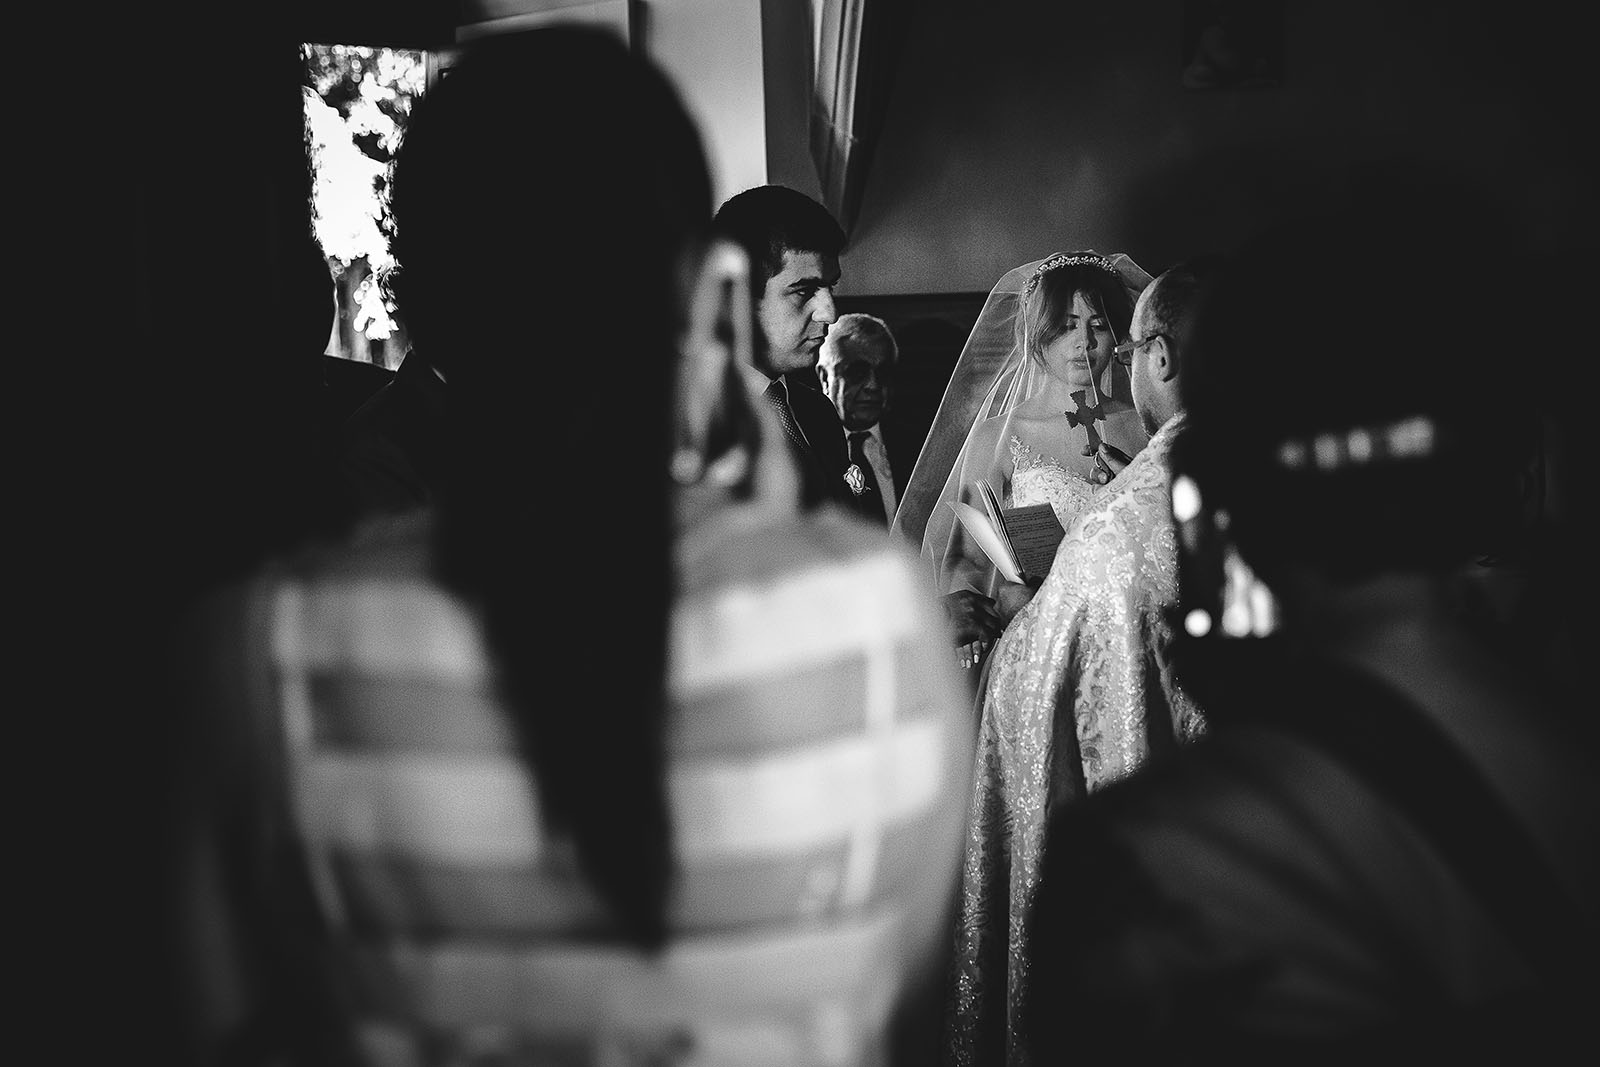 Mariage au Château de Beguin David Pommier photographe de mariage. Cérémonie religieuse à la chapelle